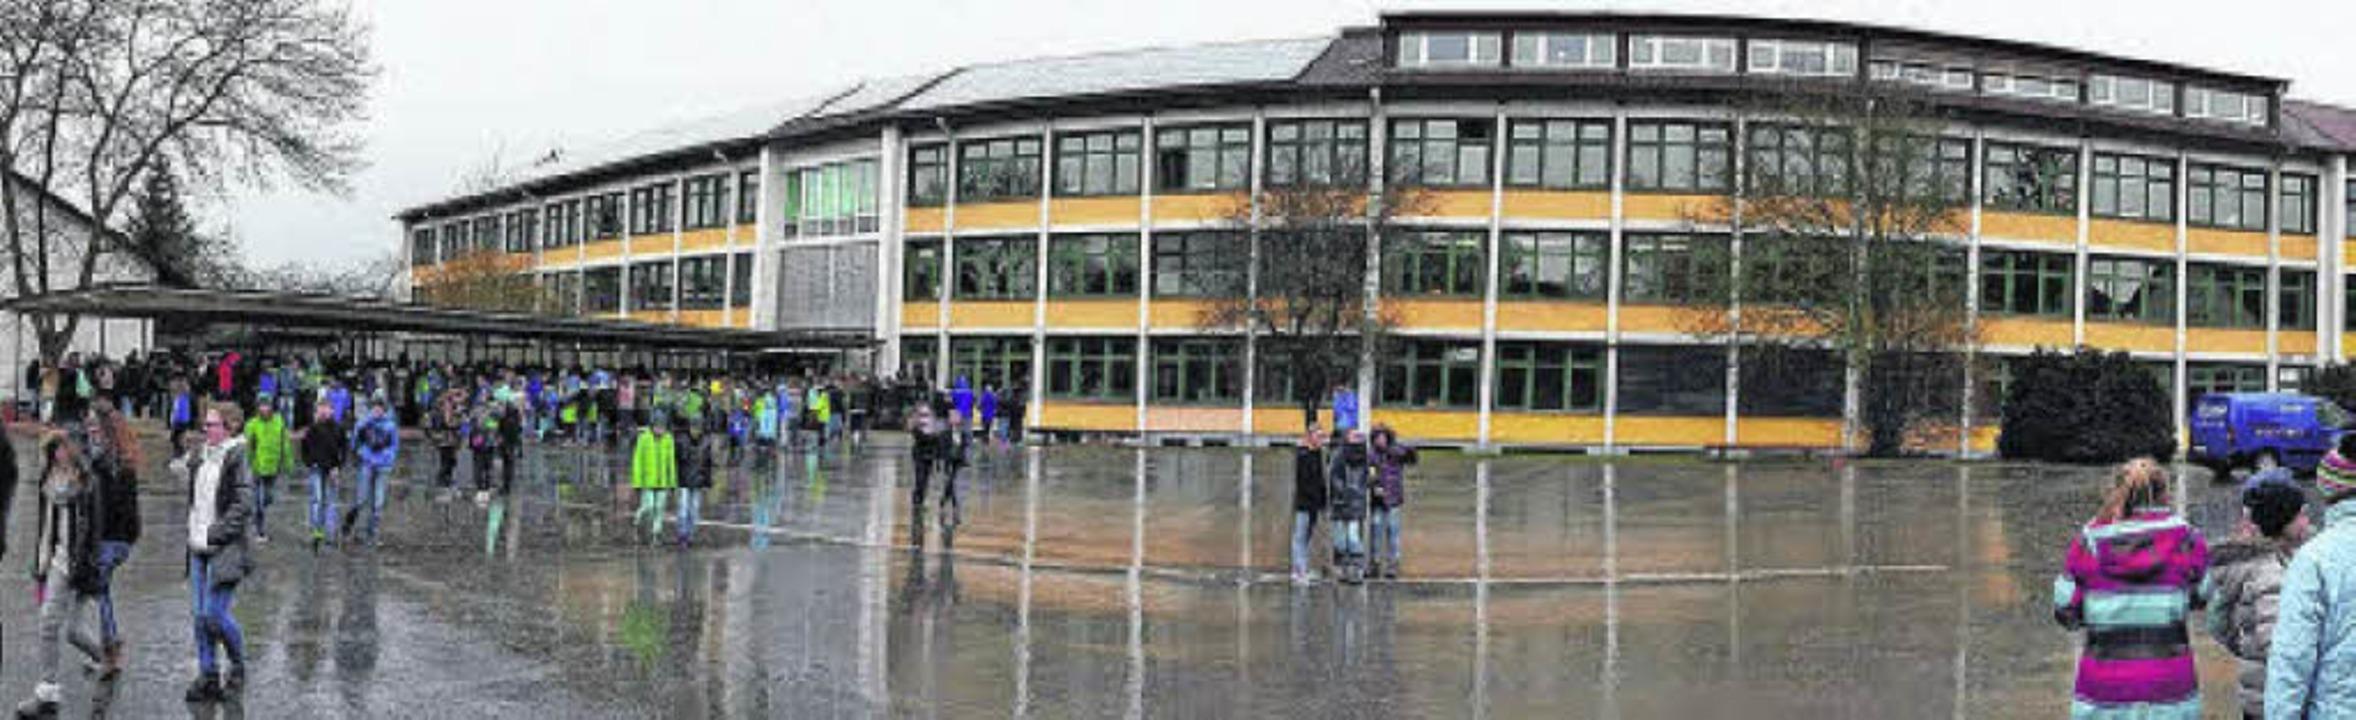 Das Gebäude der Donaueschinger Realsch...e pädagogische Konzeption diskutiert.     Foto: Günter Vollmer